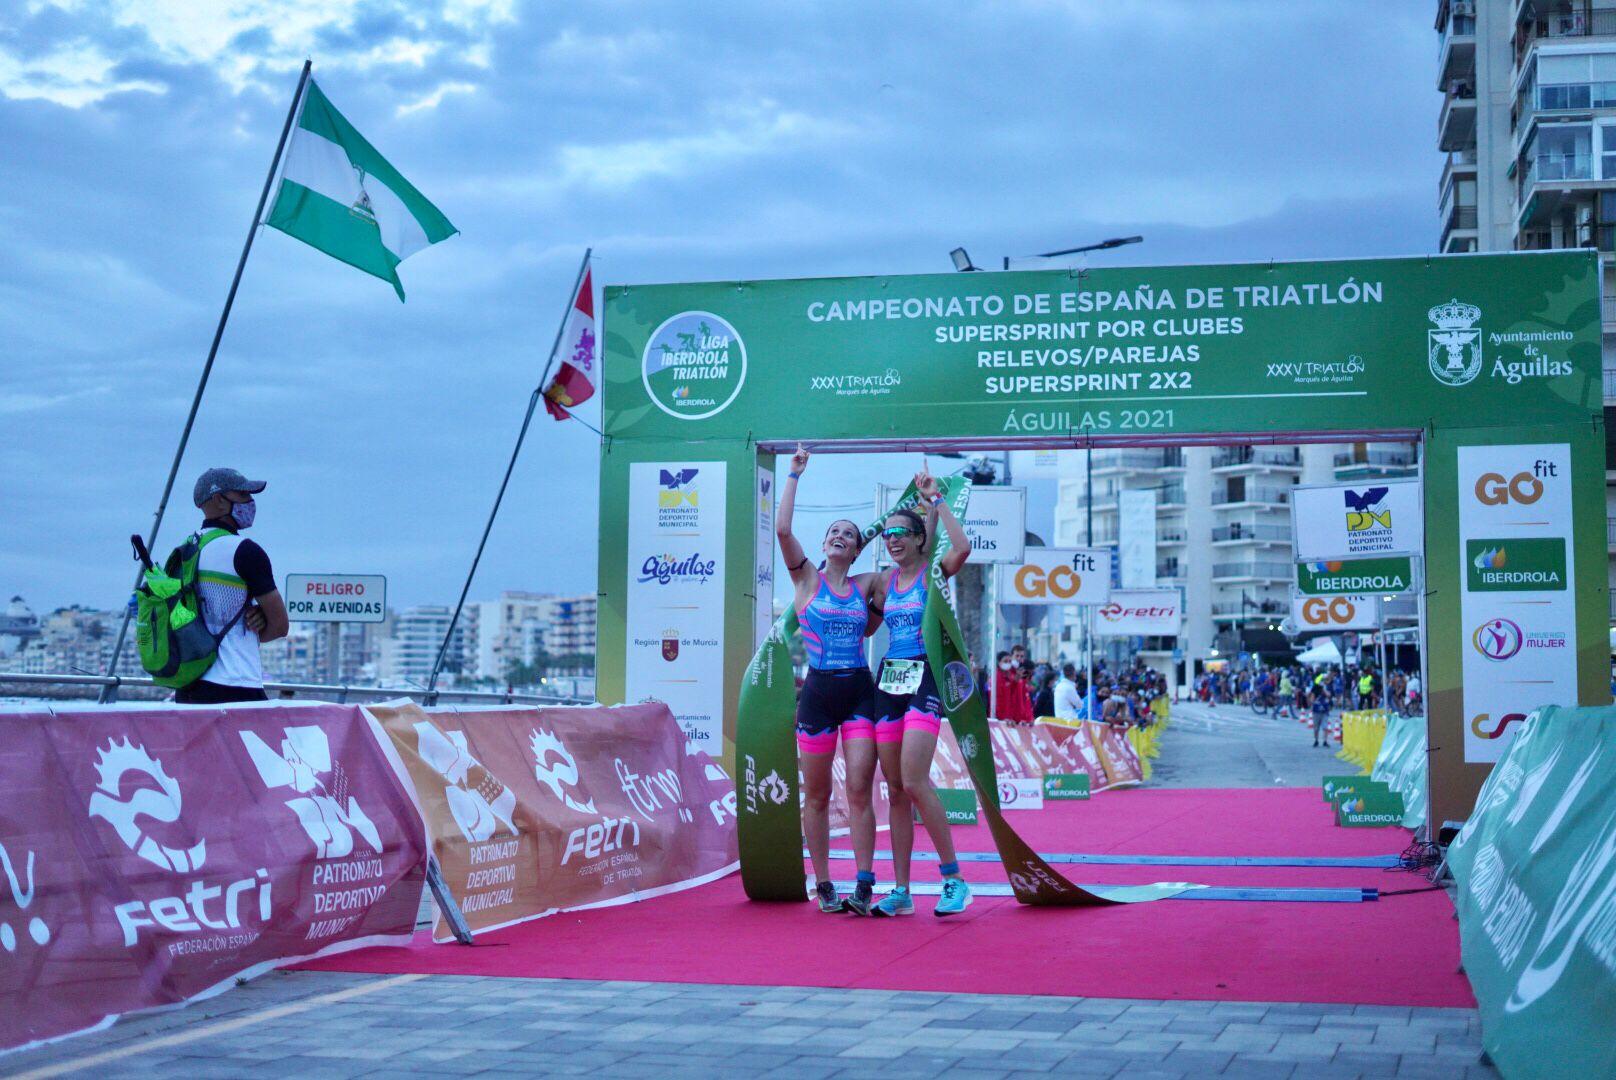 Cidade de Lugo Fluvial gana en Águilas los campeonatos de España de Triatlón SuperSprint por Clubes femenino y masculino, y el masculino de Relevos Parejas; con Náutico de Narón campeón en Relevos Parejas femenino